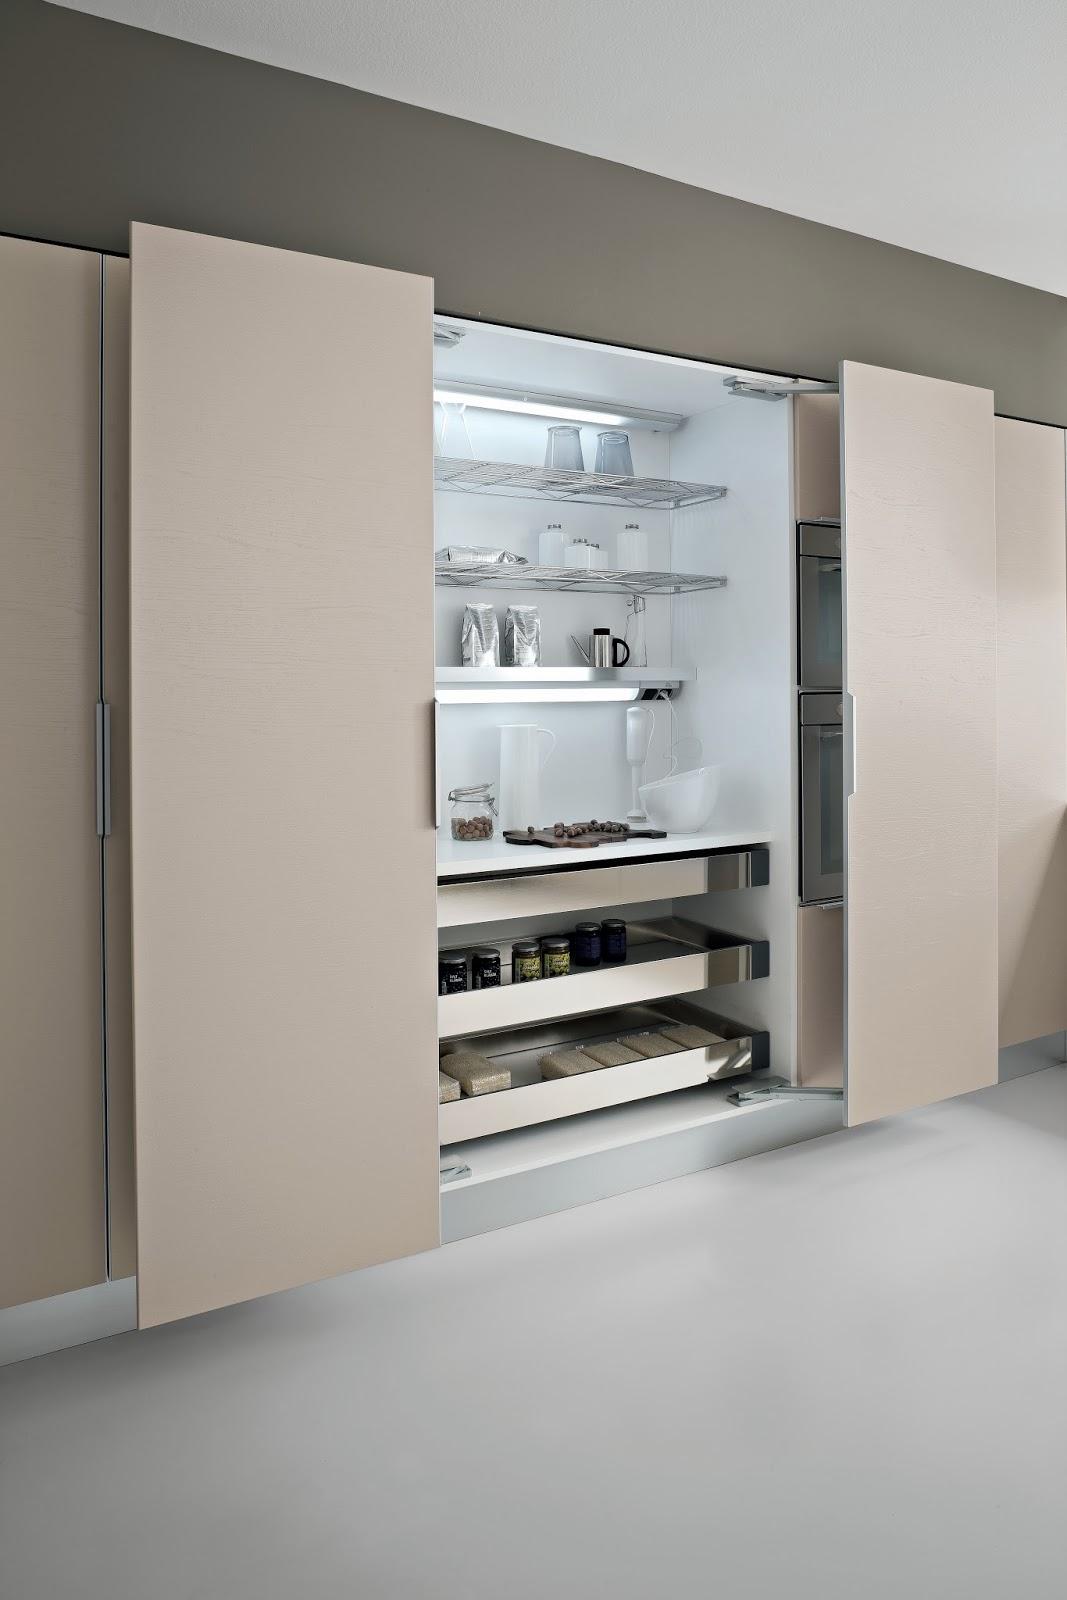 Cafran cocinas soluciones y consejos para cocinas abiertas - Cafran cocinas ...